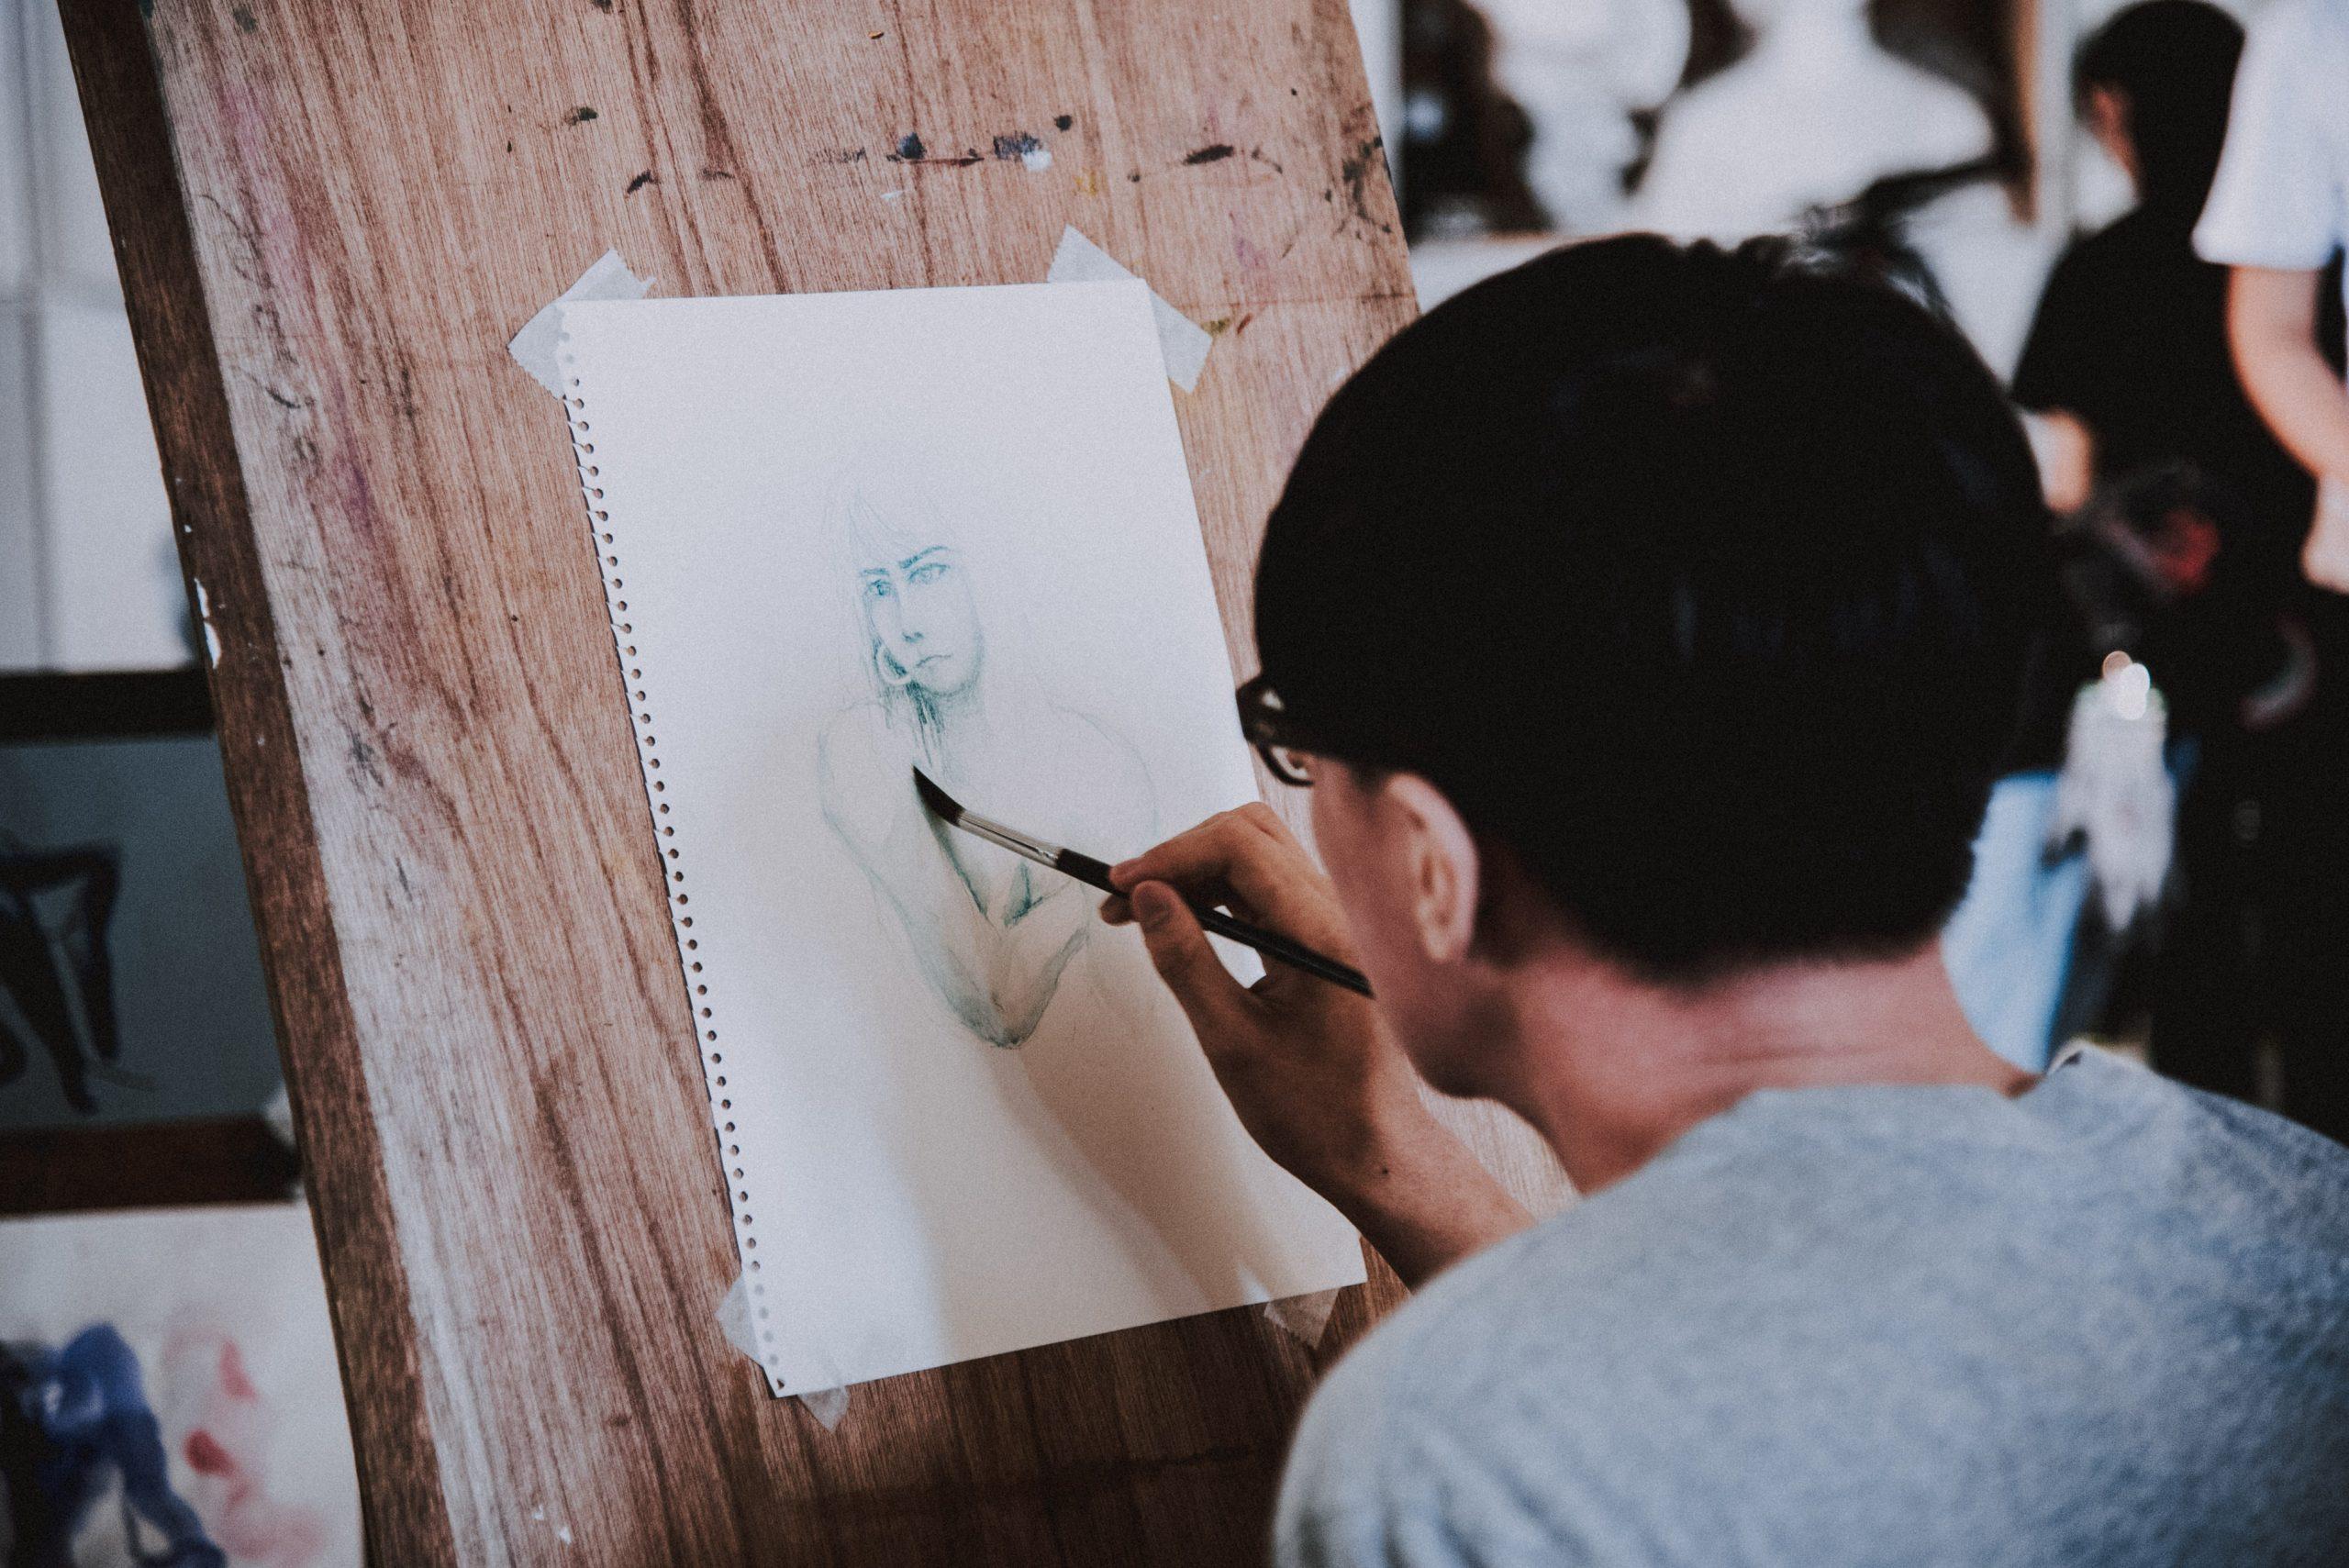 Imagem de uma pessoa desenhando na prancheta.